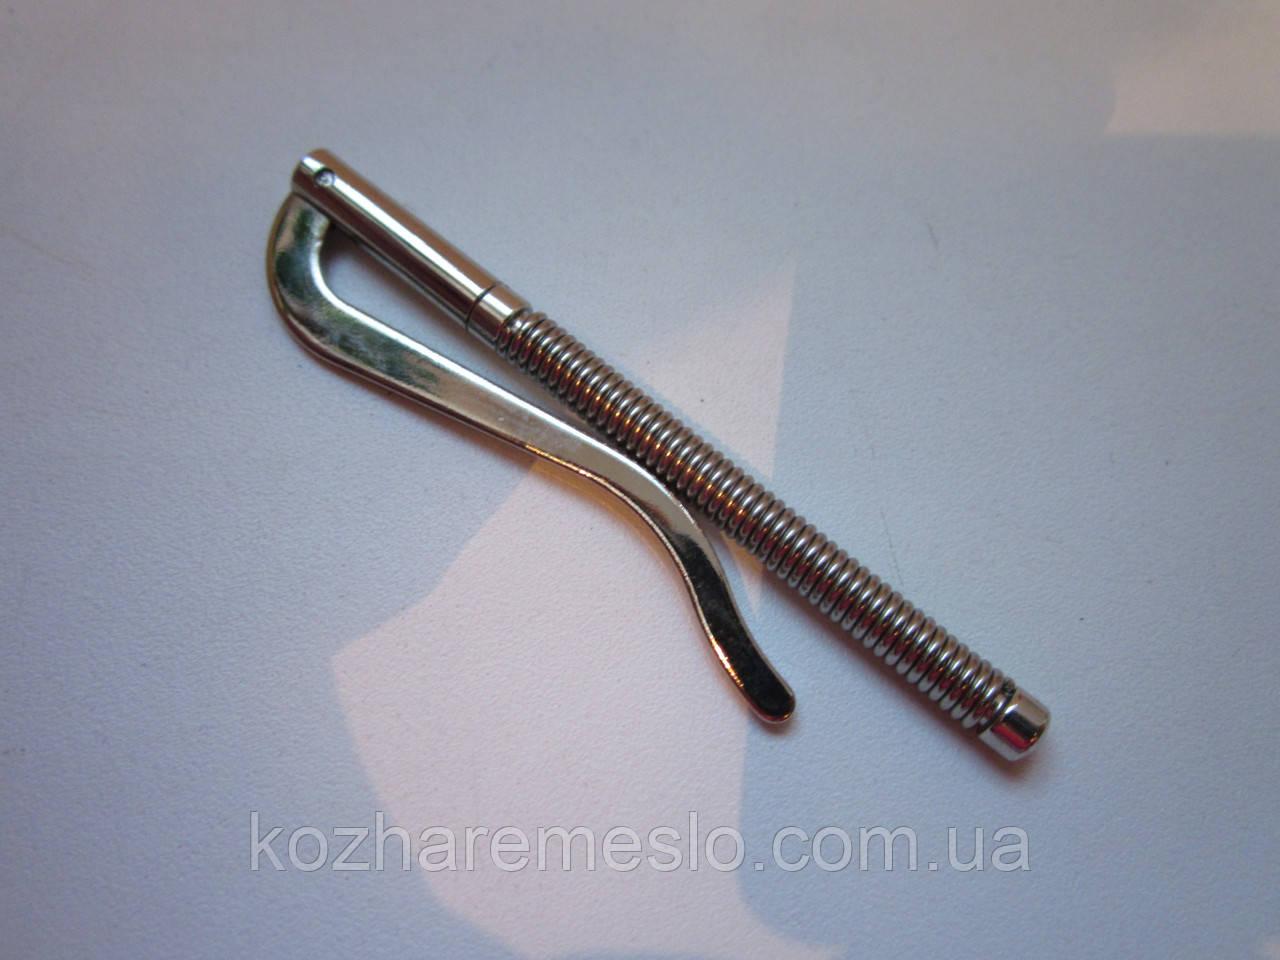 Прижим для купюр пружинный 75 мм никель